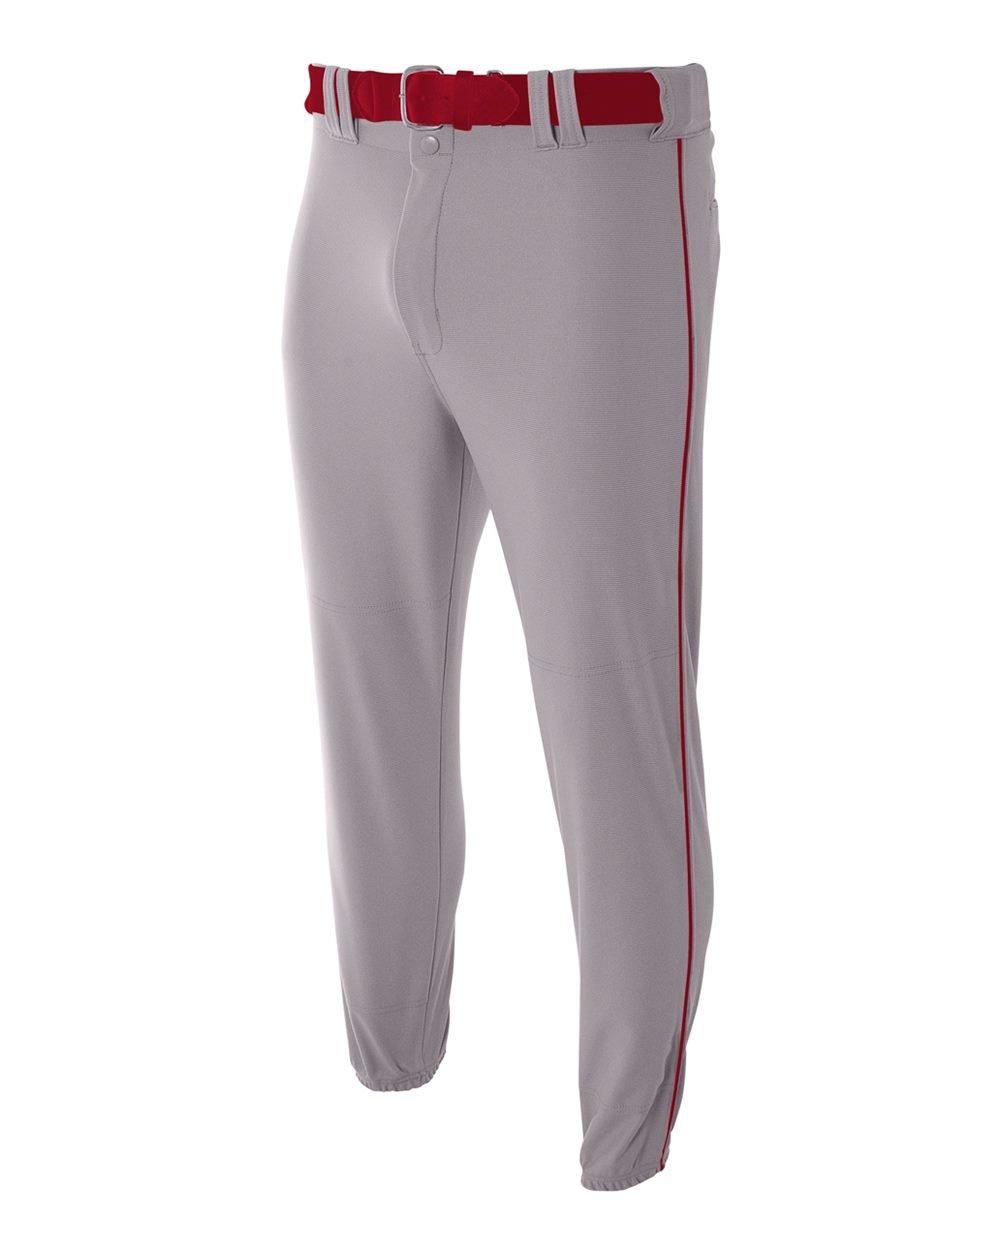 A4Niños 'nb6178nb6178-gyc Pro-Style Baseball Inferior elástico Pantalones, Niños Hombre, Color Grey/Cardinal, tamaño Small Niños Hombre tamaño Small Moshay Inc.